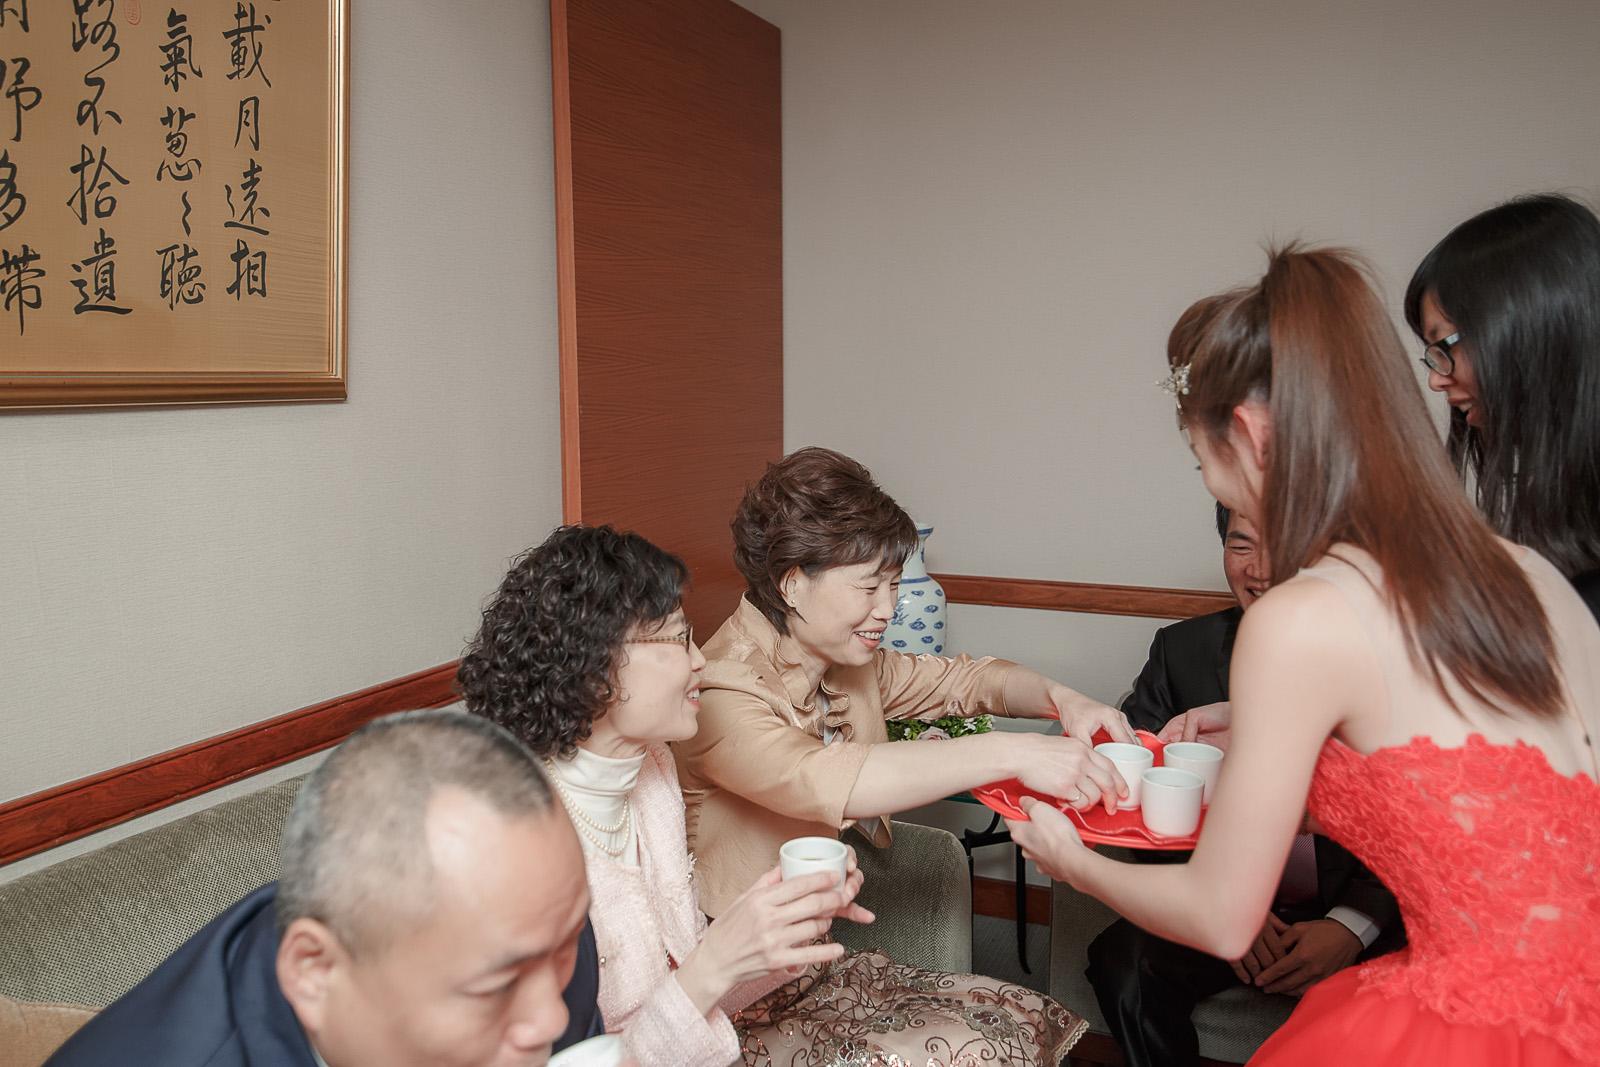 高雄圓山飯店,婚禮攝影,婚攝,高雄婚攝,優質婚攝推薦,Jen&Ethan-021